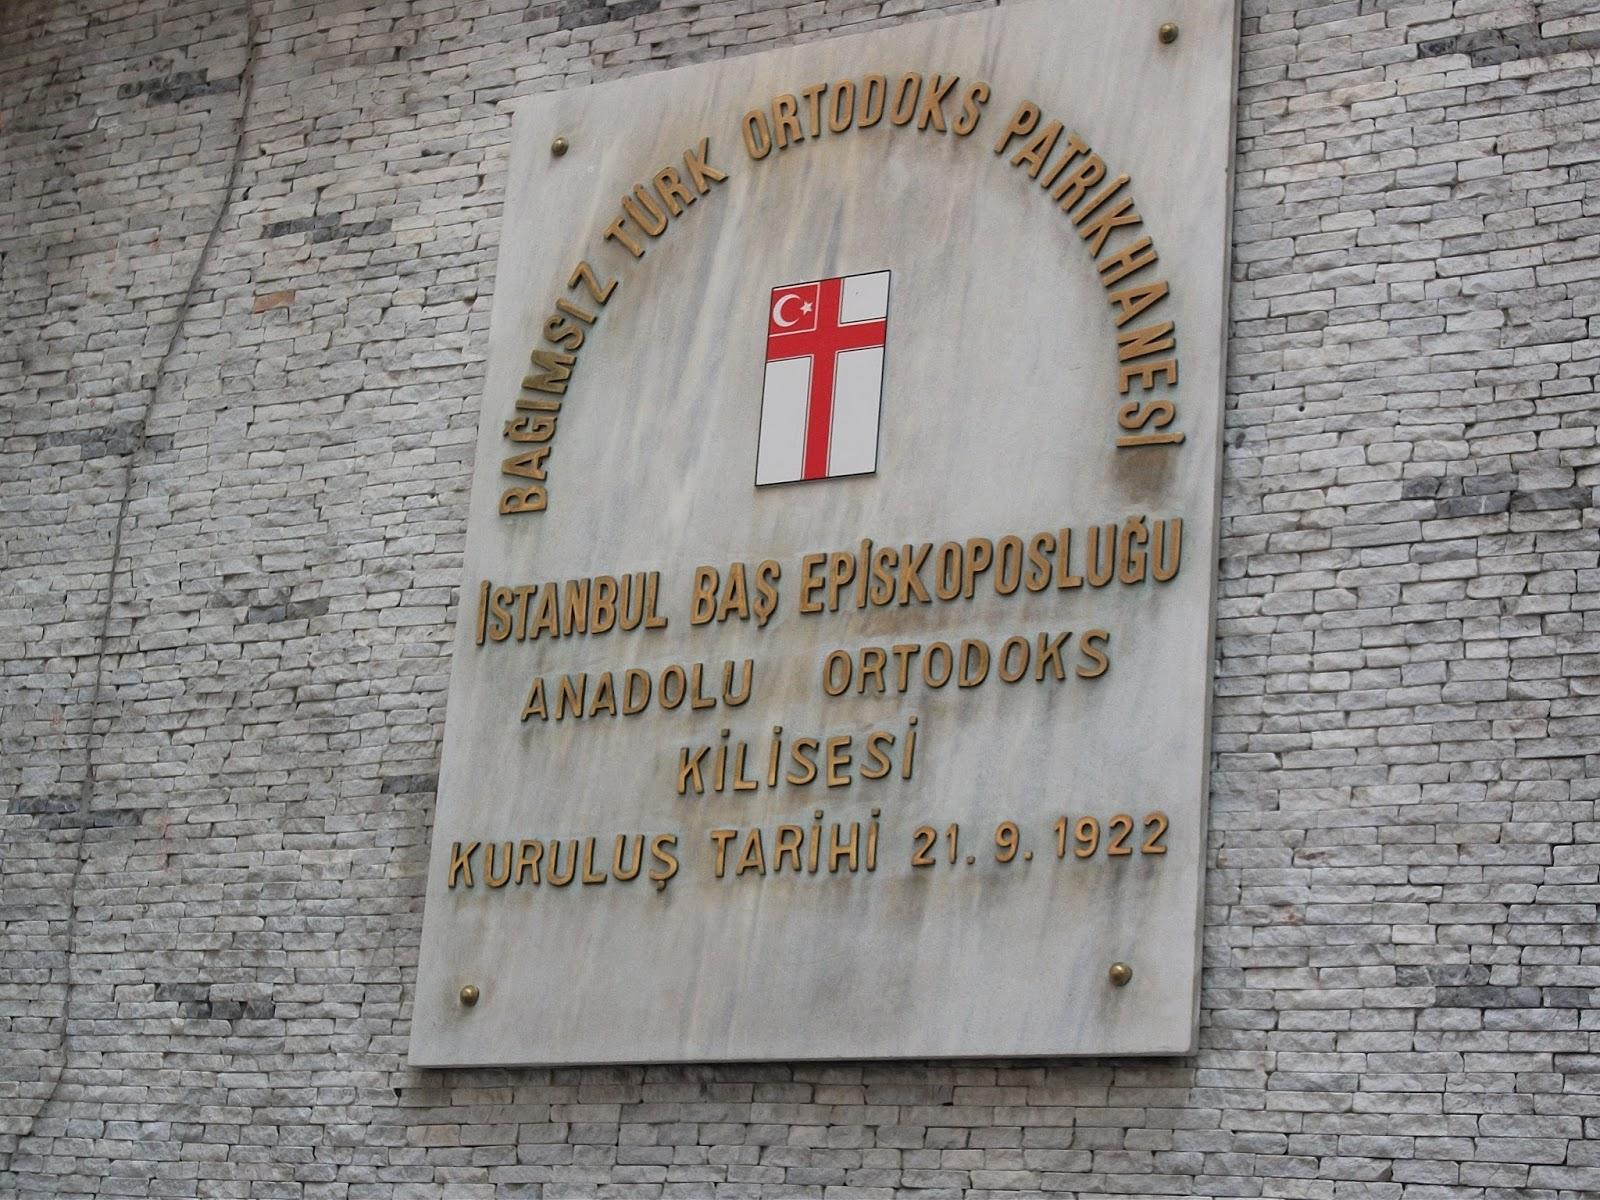 Türk Ortodoks Hristiyanlar ile ilgili görsel sonucu